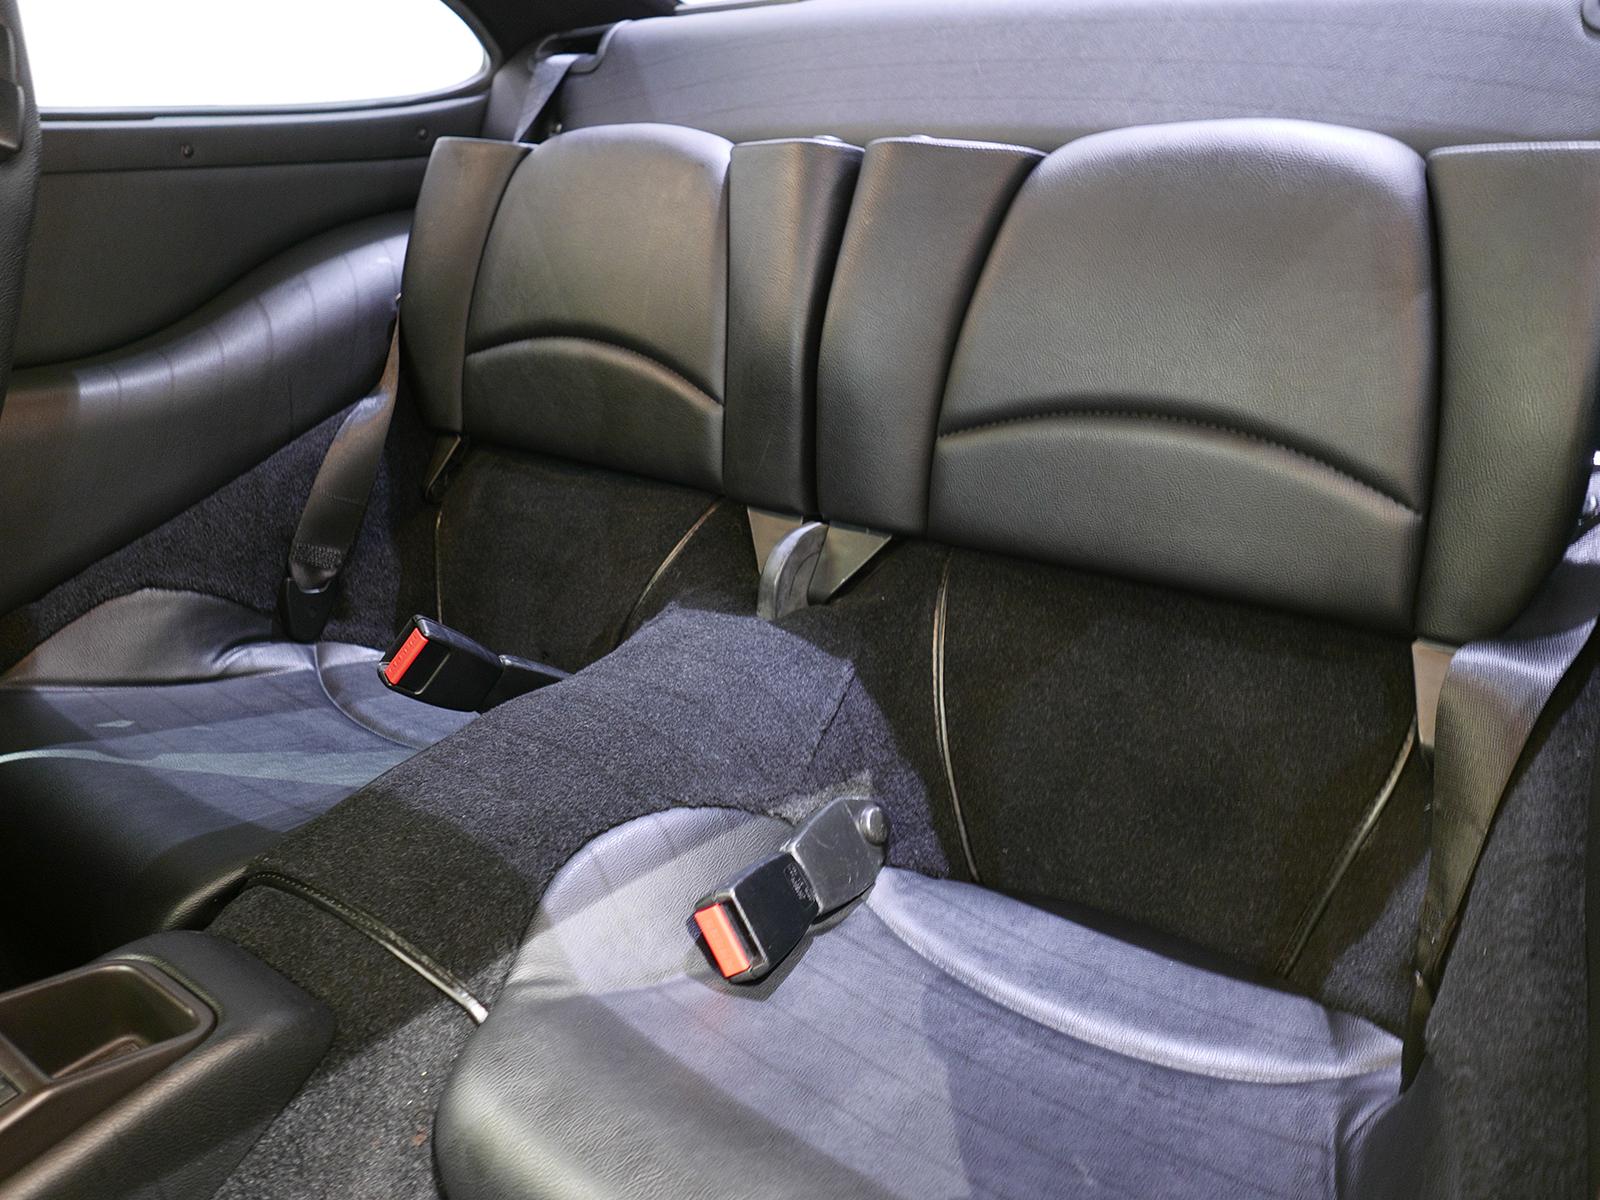 ポルシェ 911 タイプ993 カレラ タイプ Ⅰ リアシート